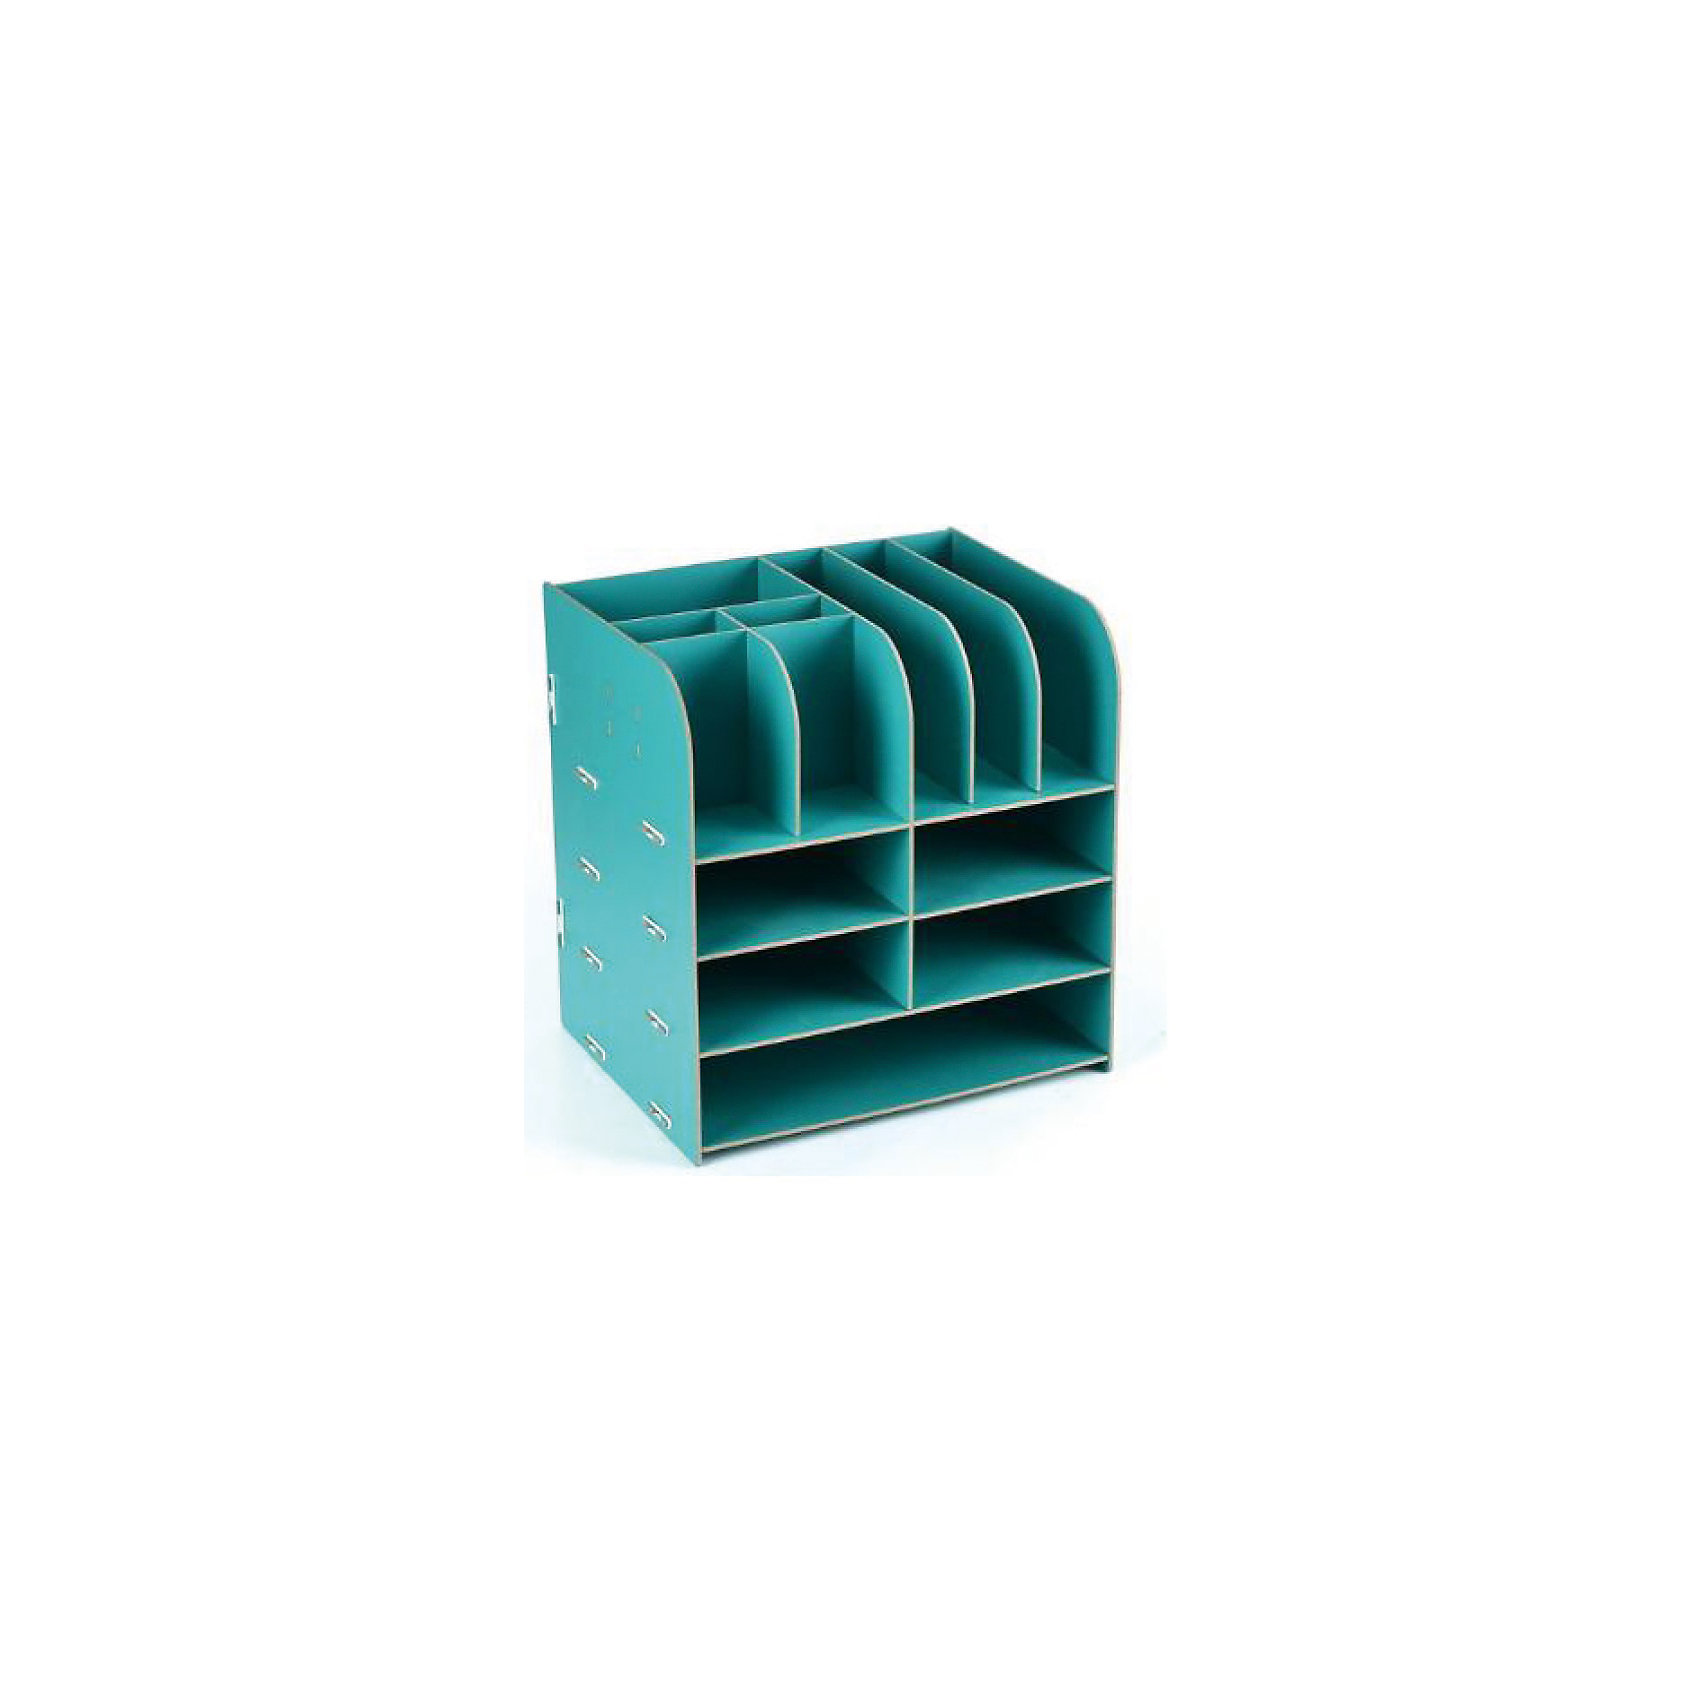 Органайзер большой, Homsu, бирюзовыйПредметы интерьера<br>Этот настольный органайзер просто незаменим на рабочем столе, он вместителен, его размеры впечатляют- 32.5Х25Х30см и в то же время он не занимает много места. Яркий дизайн дополнит интерьер дома и разбавит цвет в скучном сером офисе. Он изготовлен из МДФ и легко собирается из съемных частей. Имеет одно отделение для хранения документов и множество ячеек для хранения канцелярских предметов и всяких мелочей.<br><br>Ширина мм: 300<br>Глубина мм: 330<br>Высота мм: 60<br>Вес г: 2000<br>Возраст от месяцев: 216<br>Возраст до месяцев: 1188<br>Пол: Унисекс<br>Возраст: Детский<br>SKU: 5620258